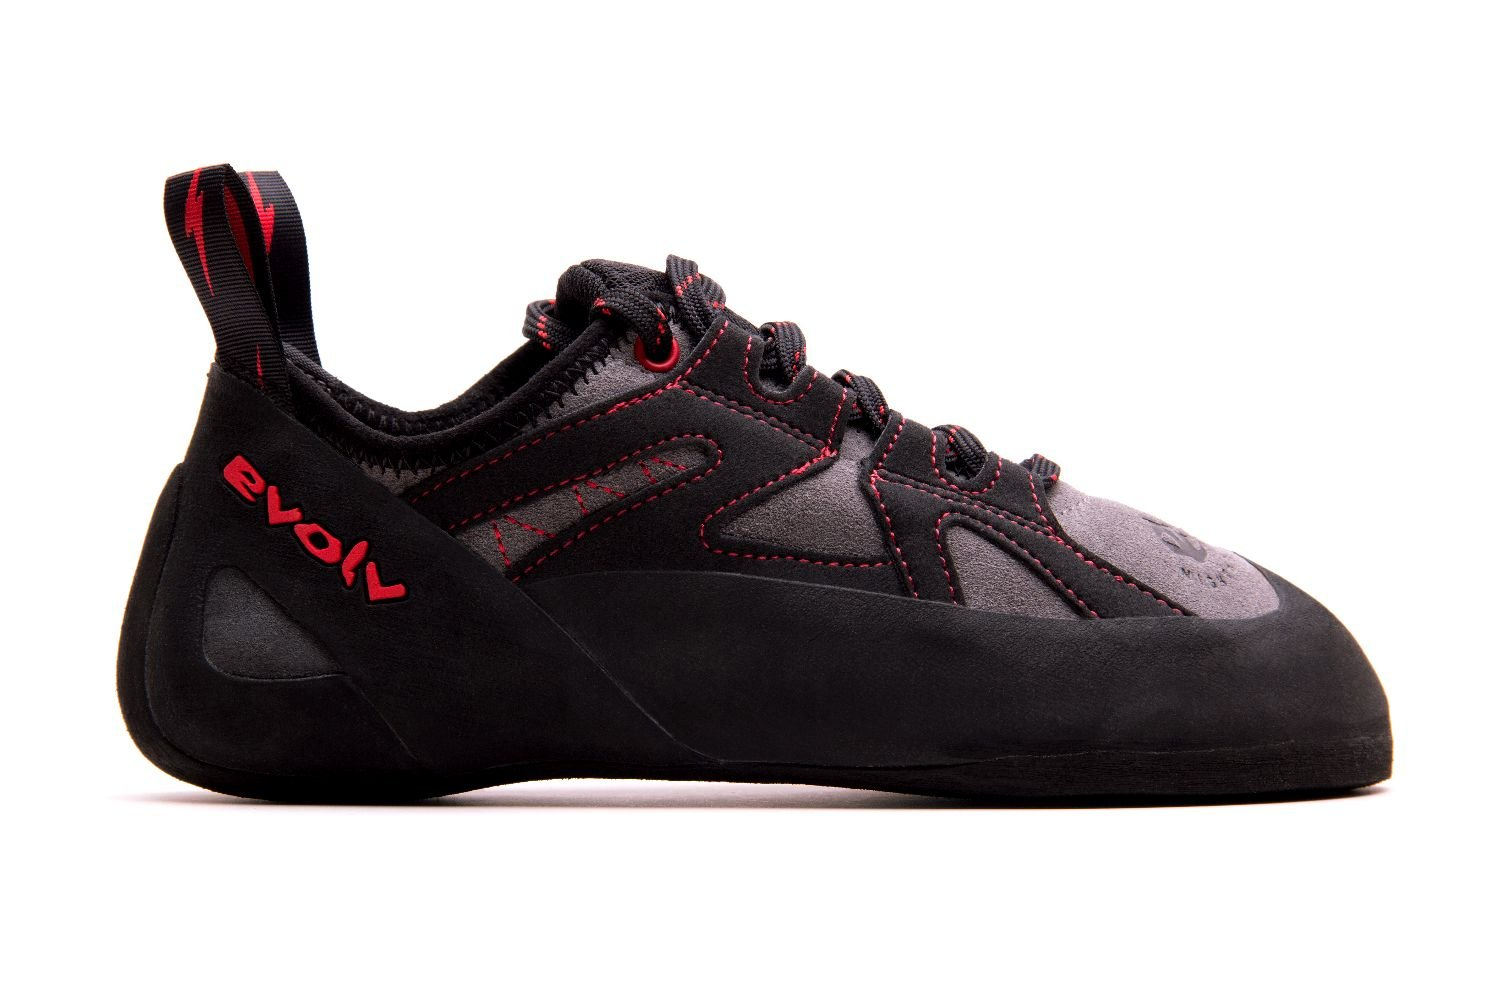 Evolv Nighthawk Climbing Shoe - Men's Gray/Black 7